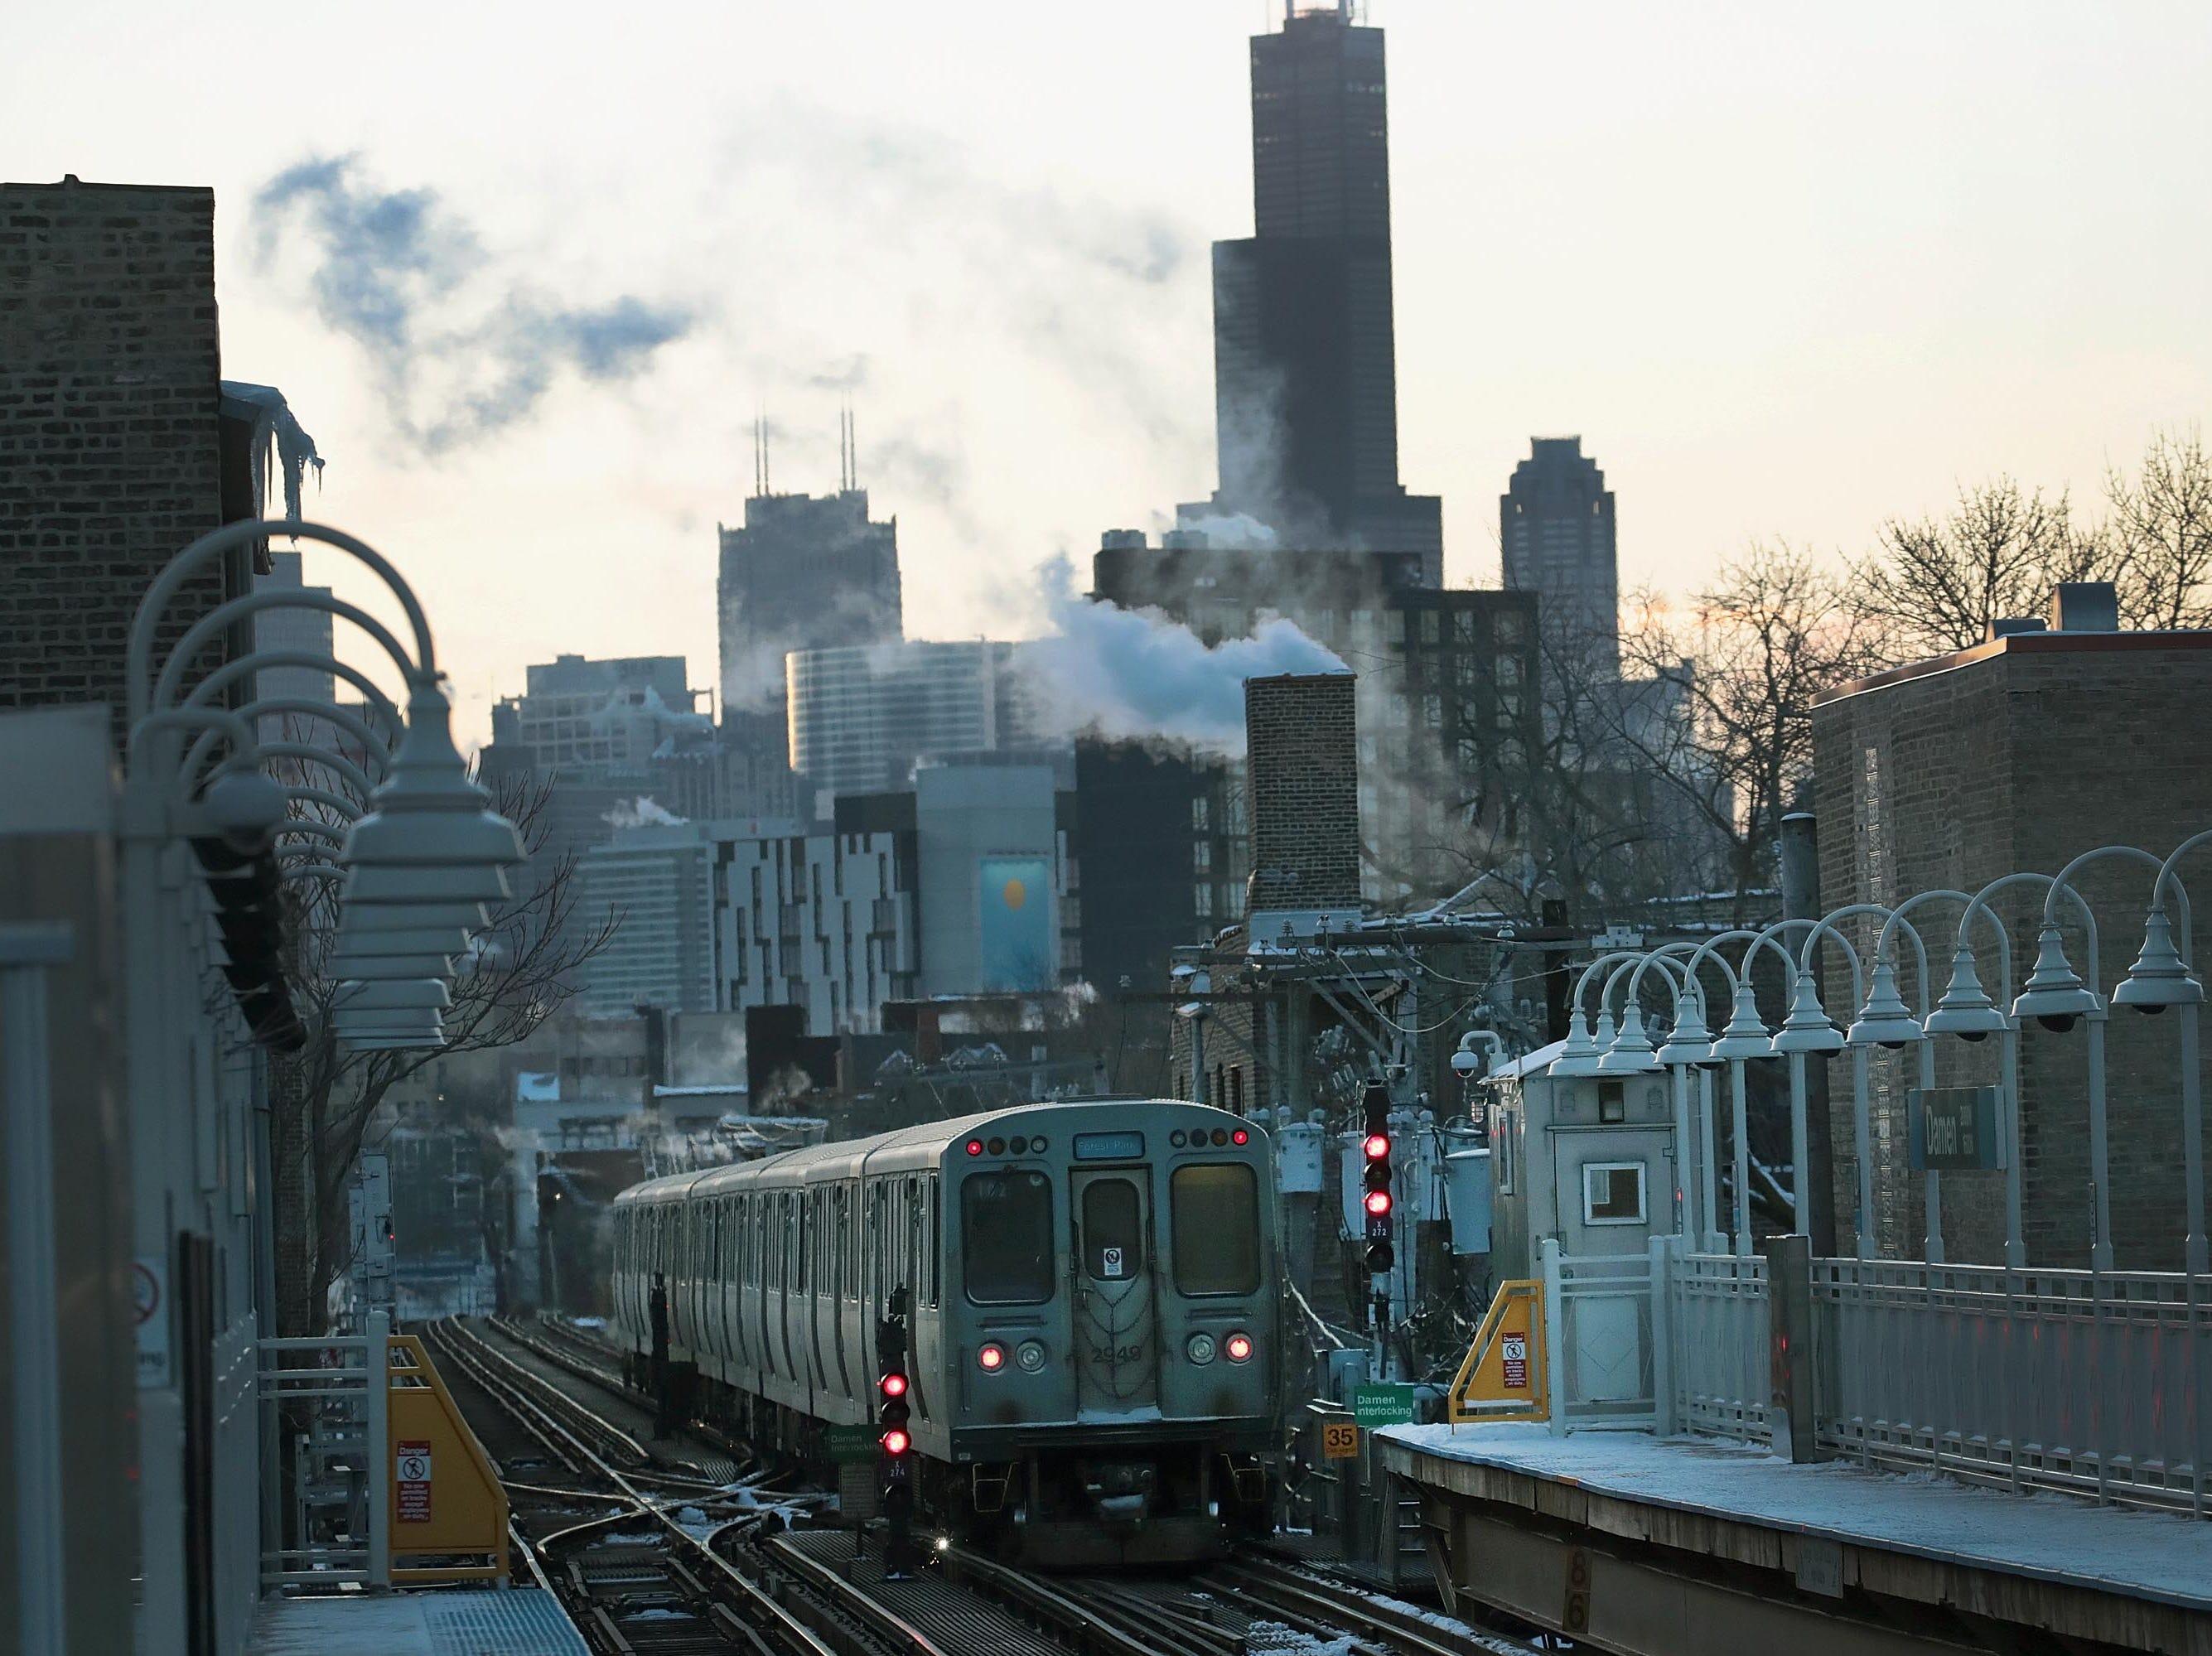 Un tren ligero  viaja hacia el centro de la ciudad en temperaturas bajo cero el 30 de enero de 2019 en Chicago, Illinois.